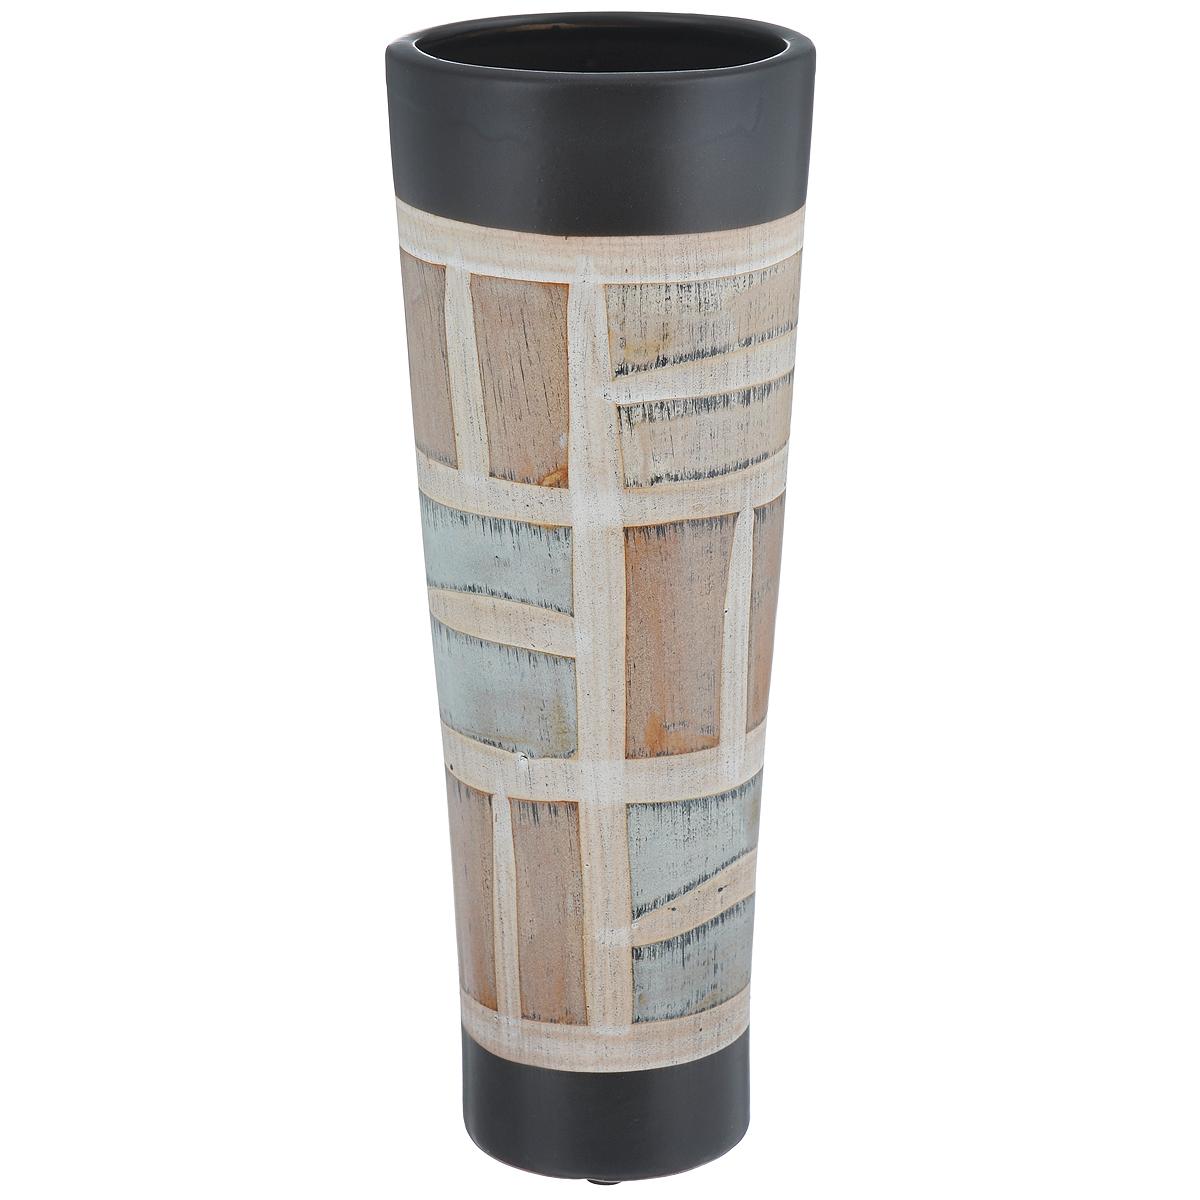 Ваза декоративная Геометрический орнамент, высота 29,5 см8KG34/0/99T42/355Элегантная ваза Геометрический орнамент, выполненная из высококачественного глазурованного фаянса, геометрическим орнаментом. Изделие оснащено резиновыми ножками, предотвращающими скольжение вазы по поверхности. Оригинальный дизайн вазы Геометрический орнамент придется по вкусу и ценителям классики, и тем, кто предпочитает утонченность и изящность. Вы можете поставить вазу в любом месте, где она будет удачно смотреться и радовать глаз. Такая ваза подойдет и для цветов, и для декора интерьера. Кроме того - это отличный вариант подарка для ваших близких и друзей. Диаметр вазы (по верхнему краю): 11 см. Высота вазы: 29,5 см.